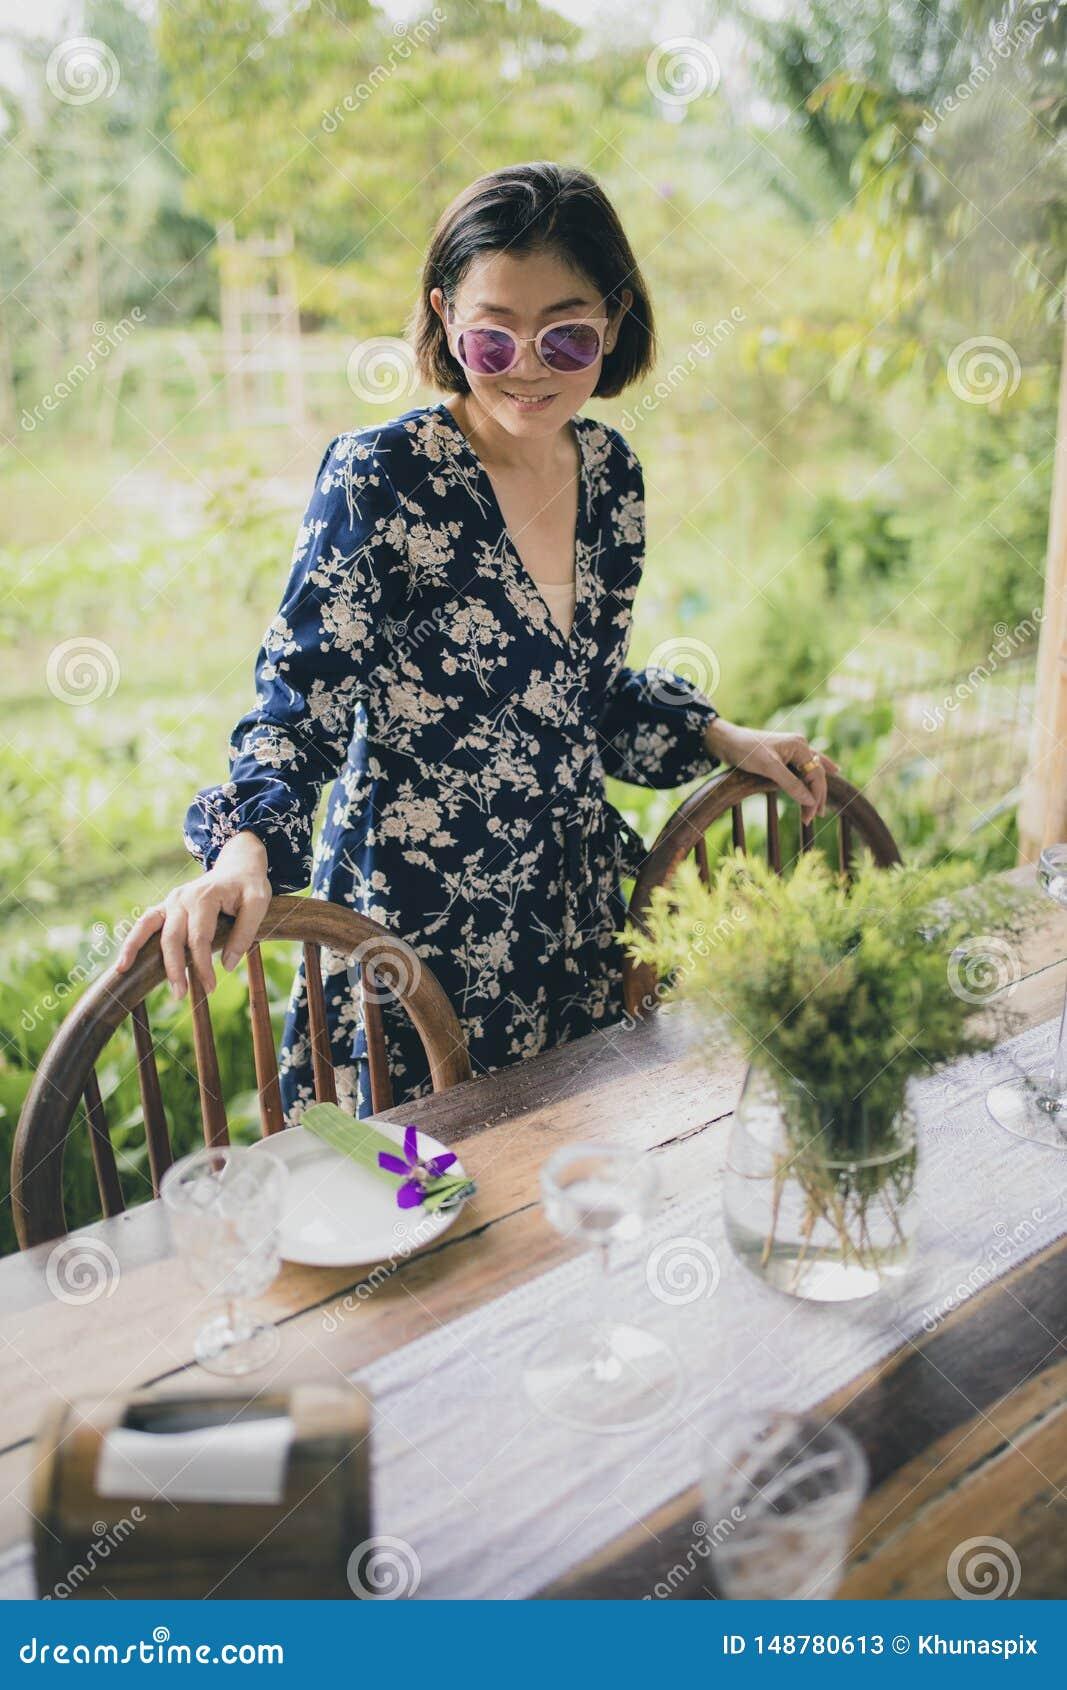 Cara sonriente dentuda de la mujer asiática hermosa con la emoción de relajación al lado de la tabla de la comida